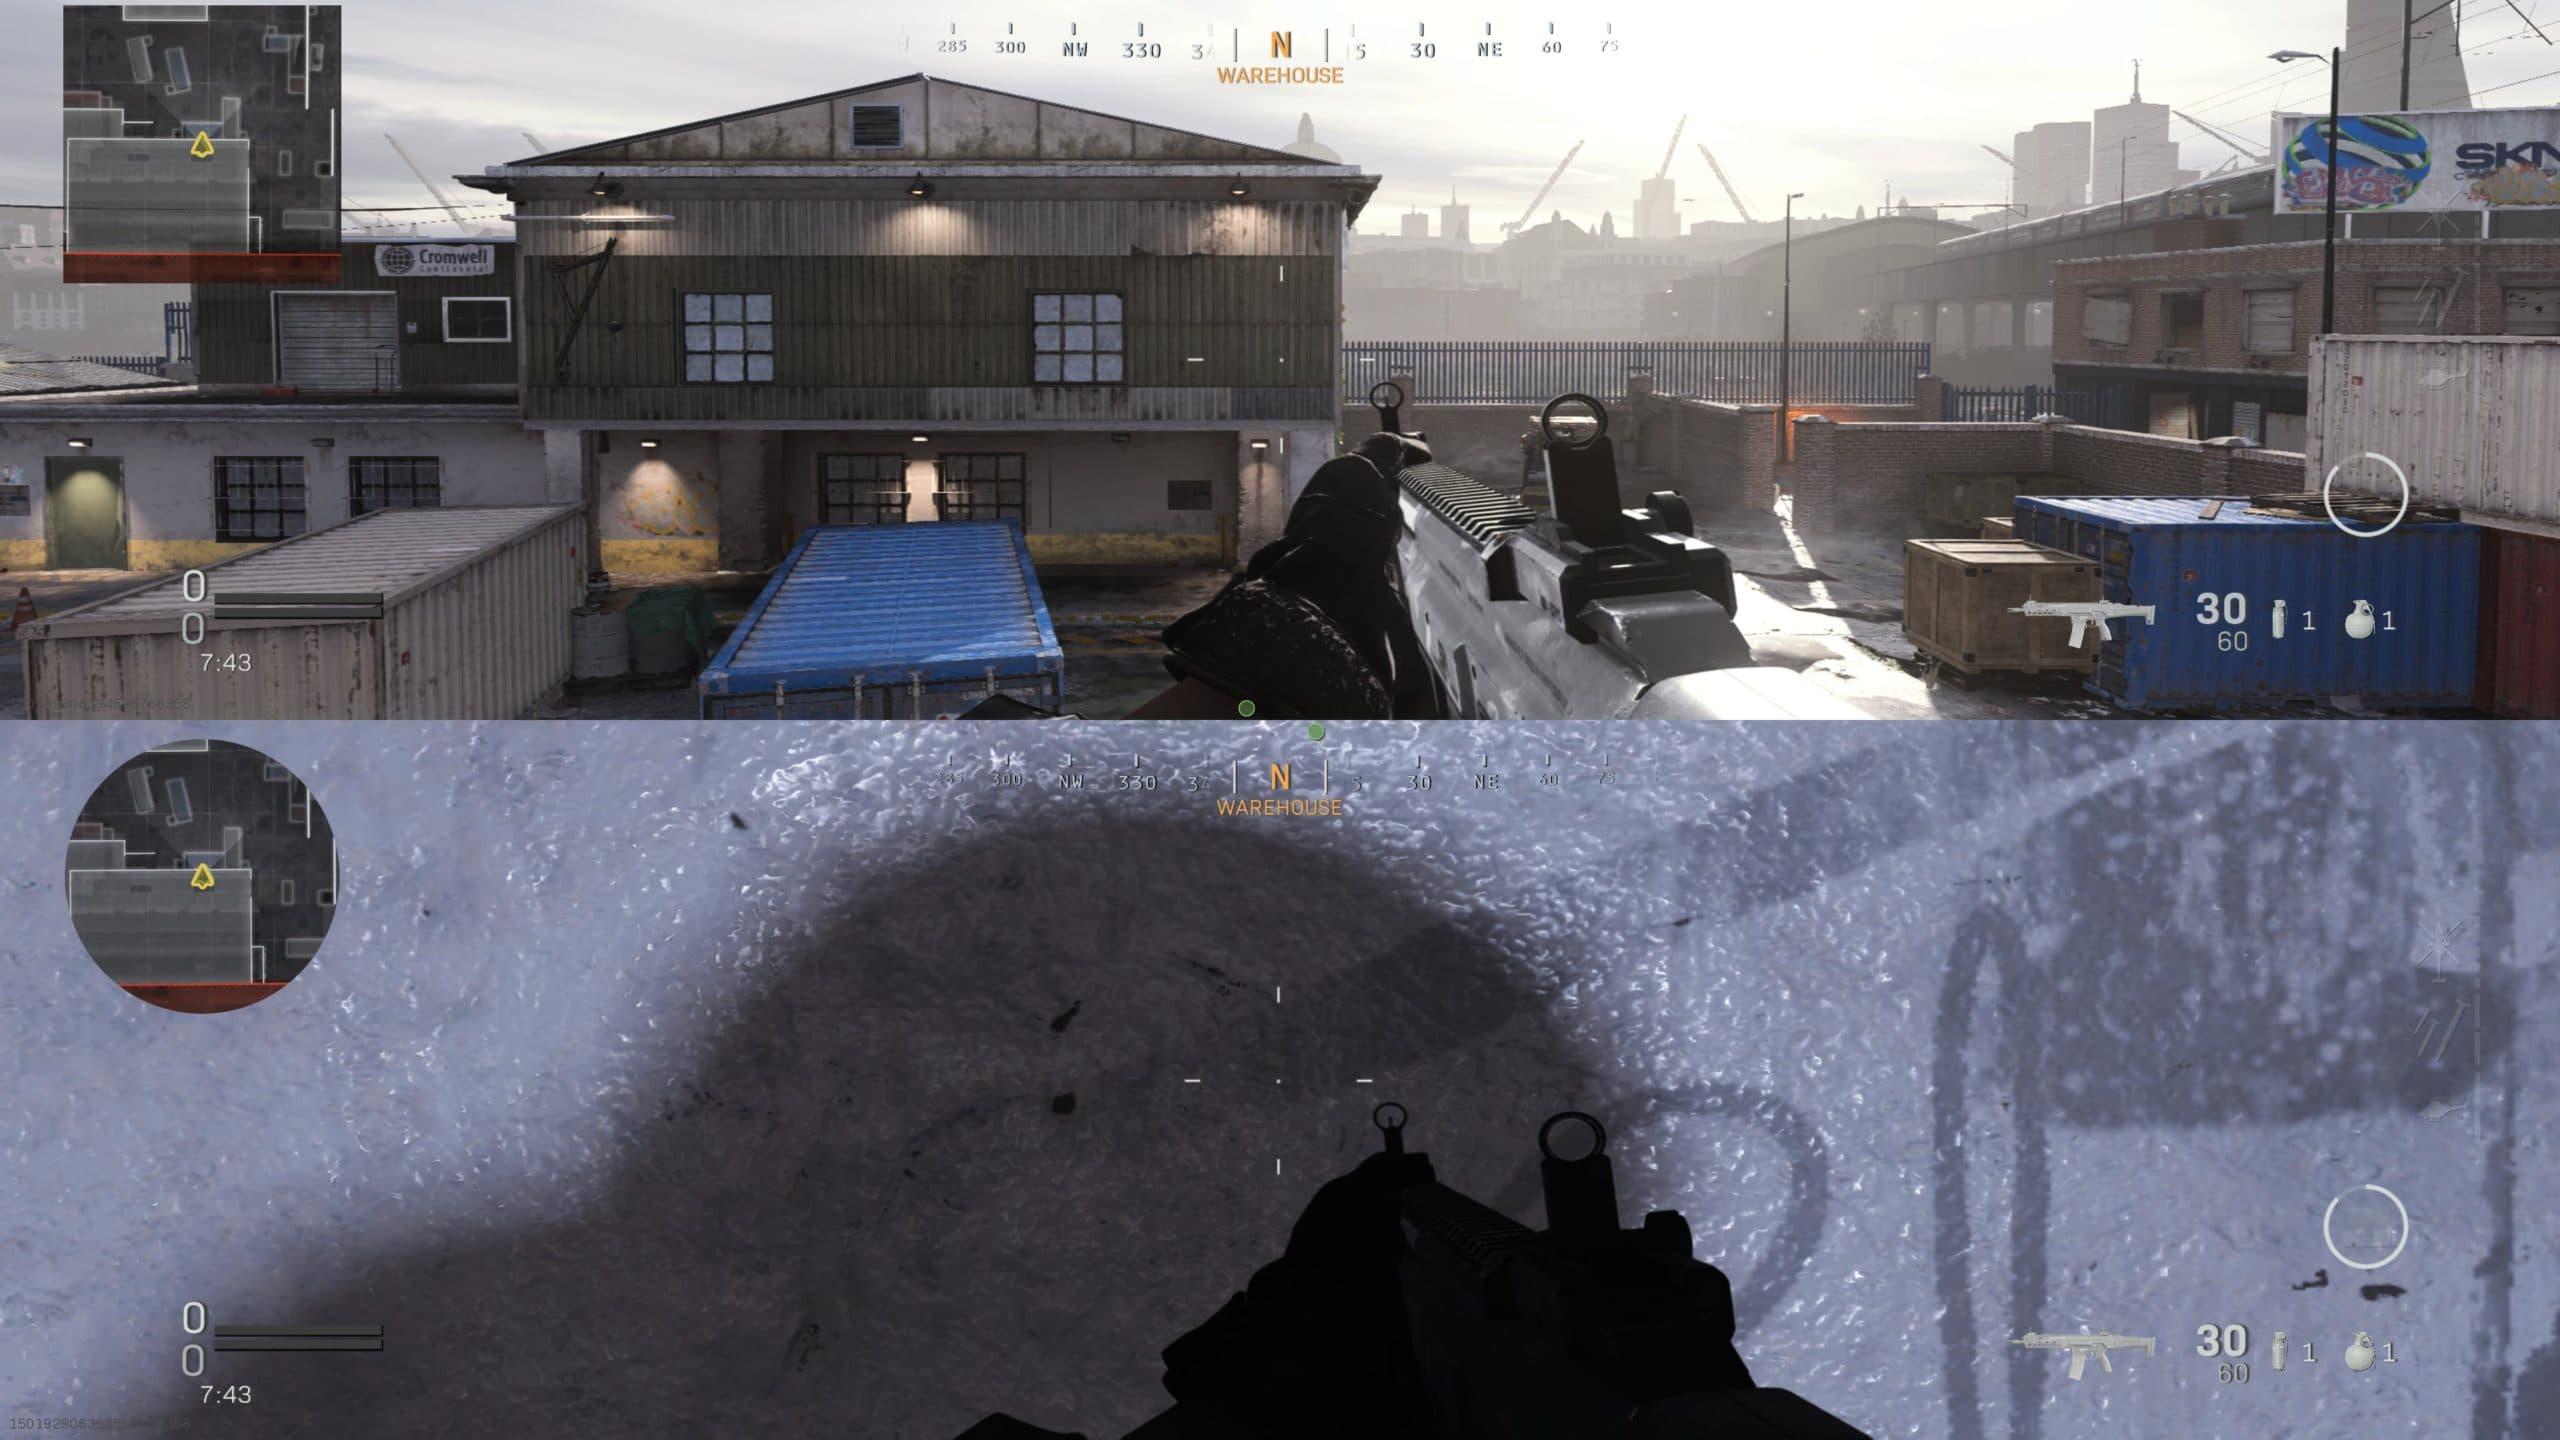 El nuevo mini mapa de Call of Duty: Modern Warfare otorga mayor visibilidad a los jugadores 1